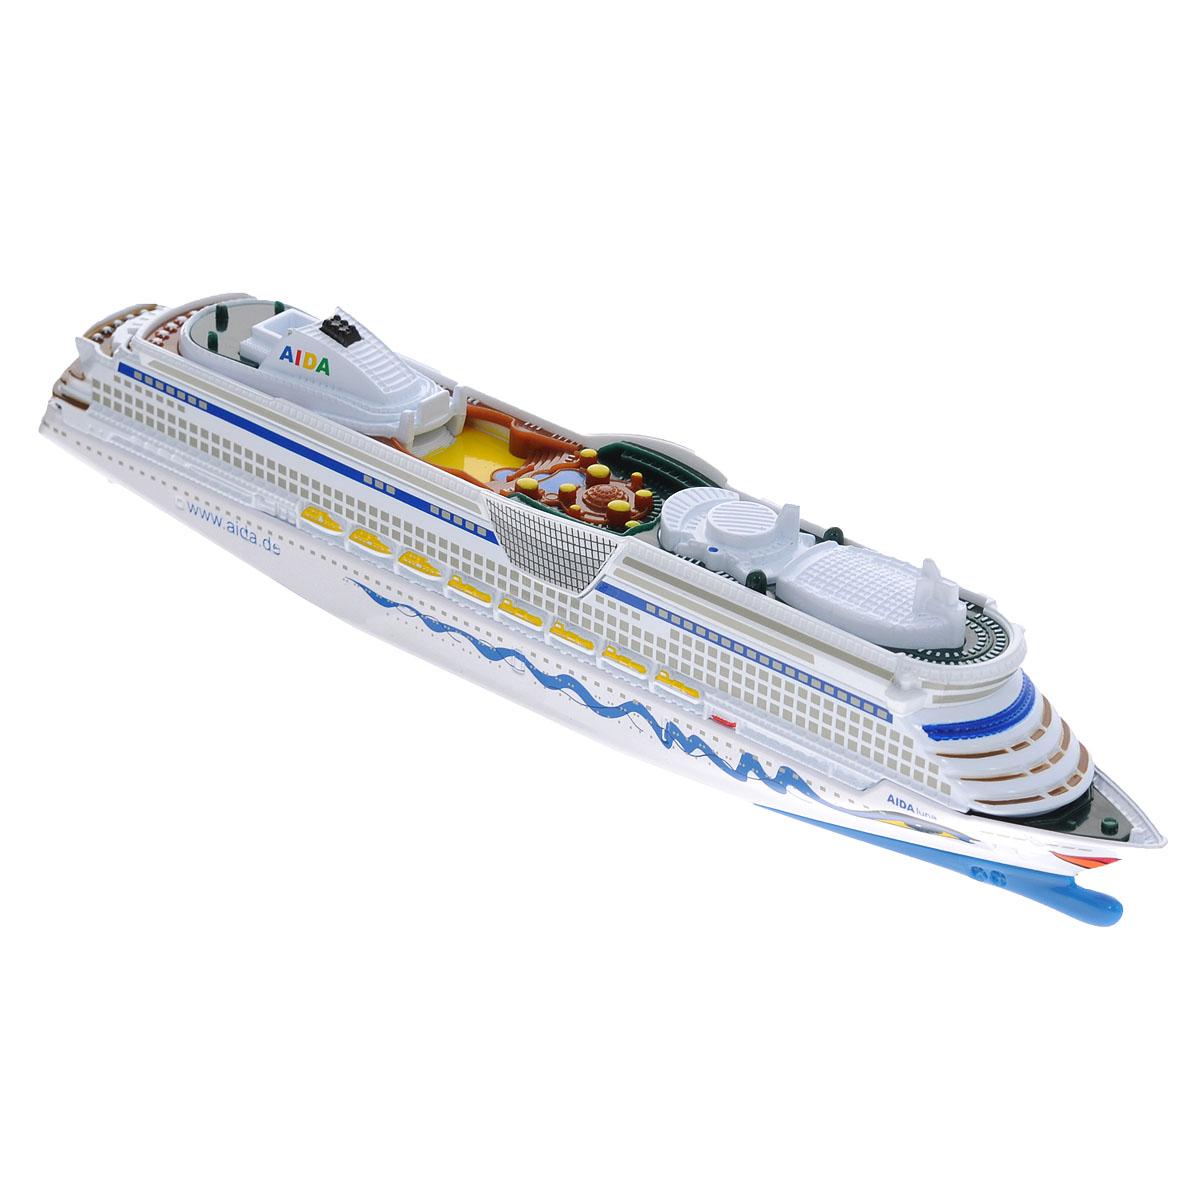 Siku Круизный лайнер AIDA Luna - Транспорт, машинки